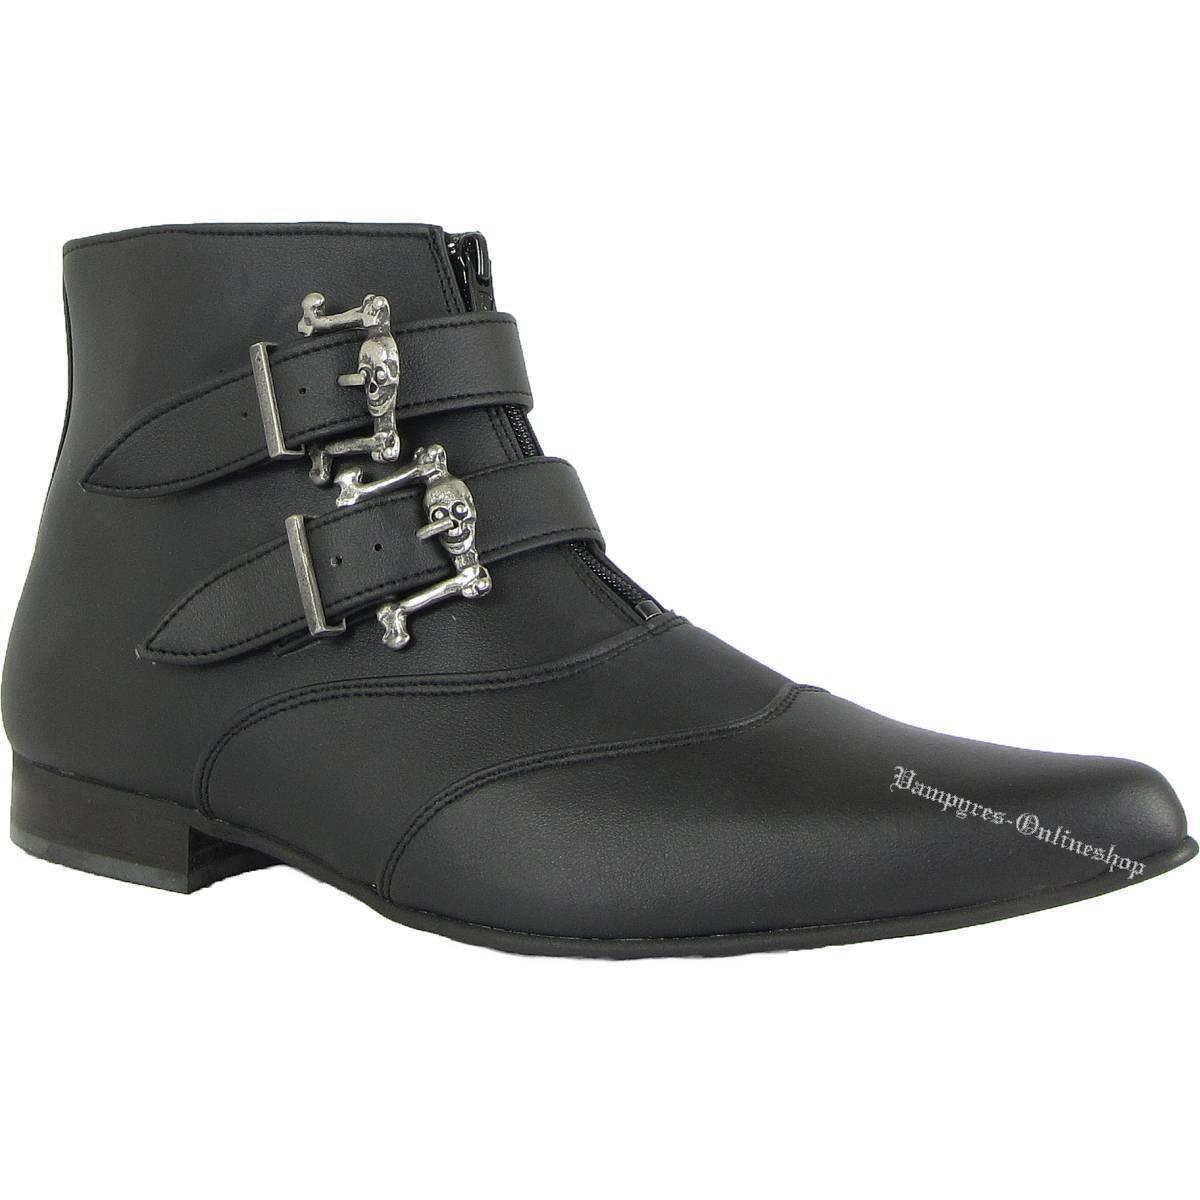 aad9b1dab454e8 Boots & jambes 2 boucles Pikes Vegetarian Bottes Noir Noir Noir Winkelpiker  and Noir | Une Bonne Conservation De Chaleur bcd8dc